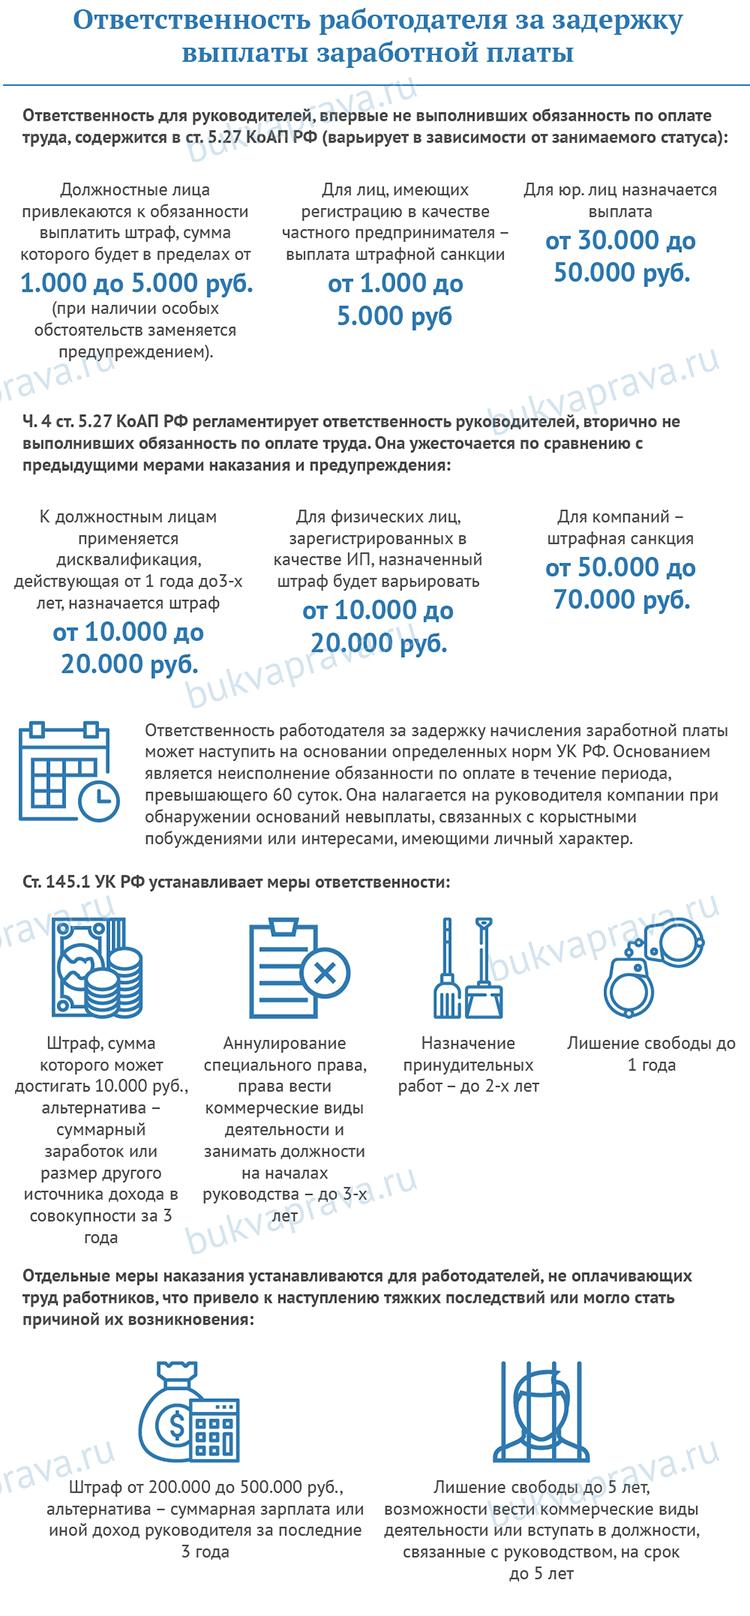 chto-delat-esli-zaderzhivayut-zarplatu